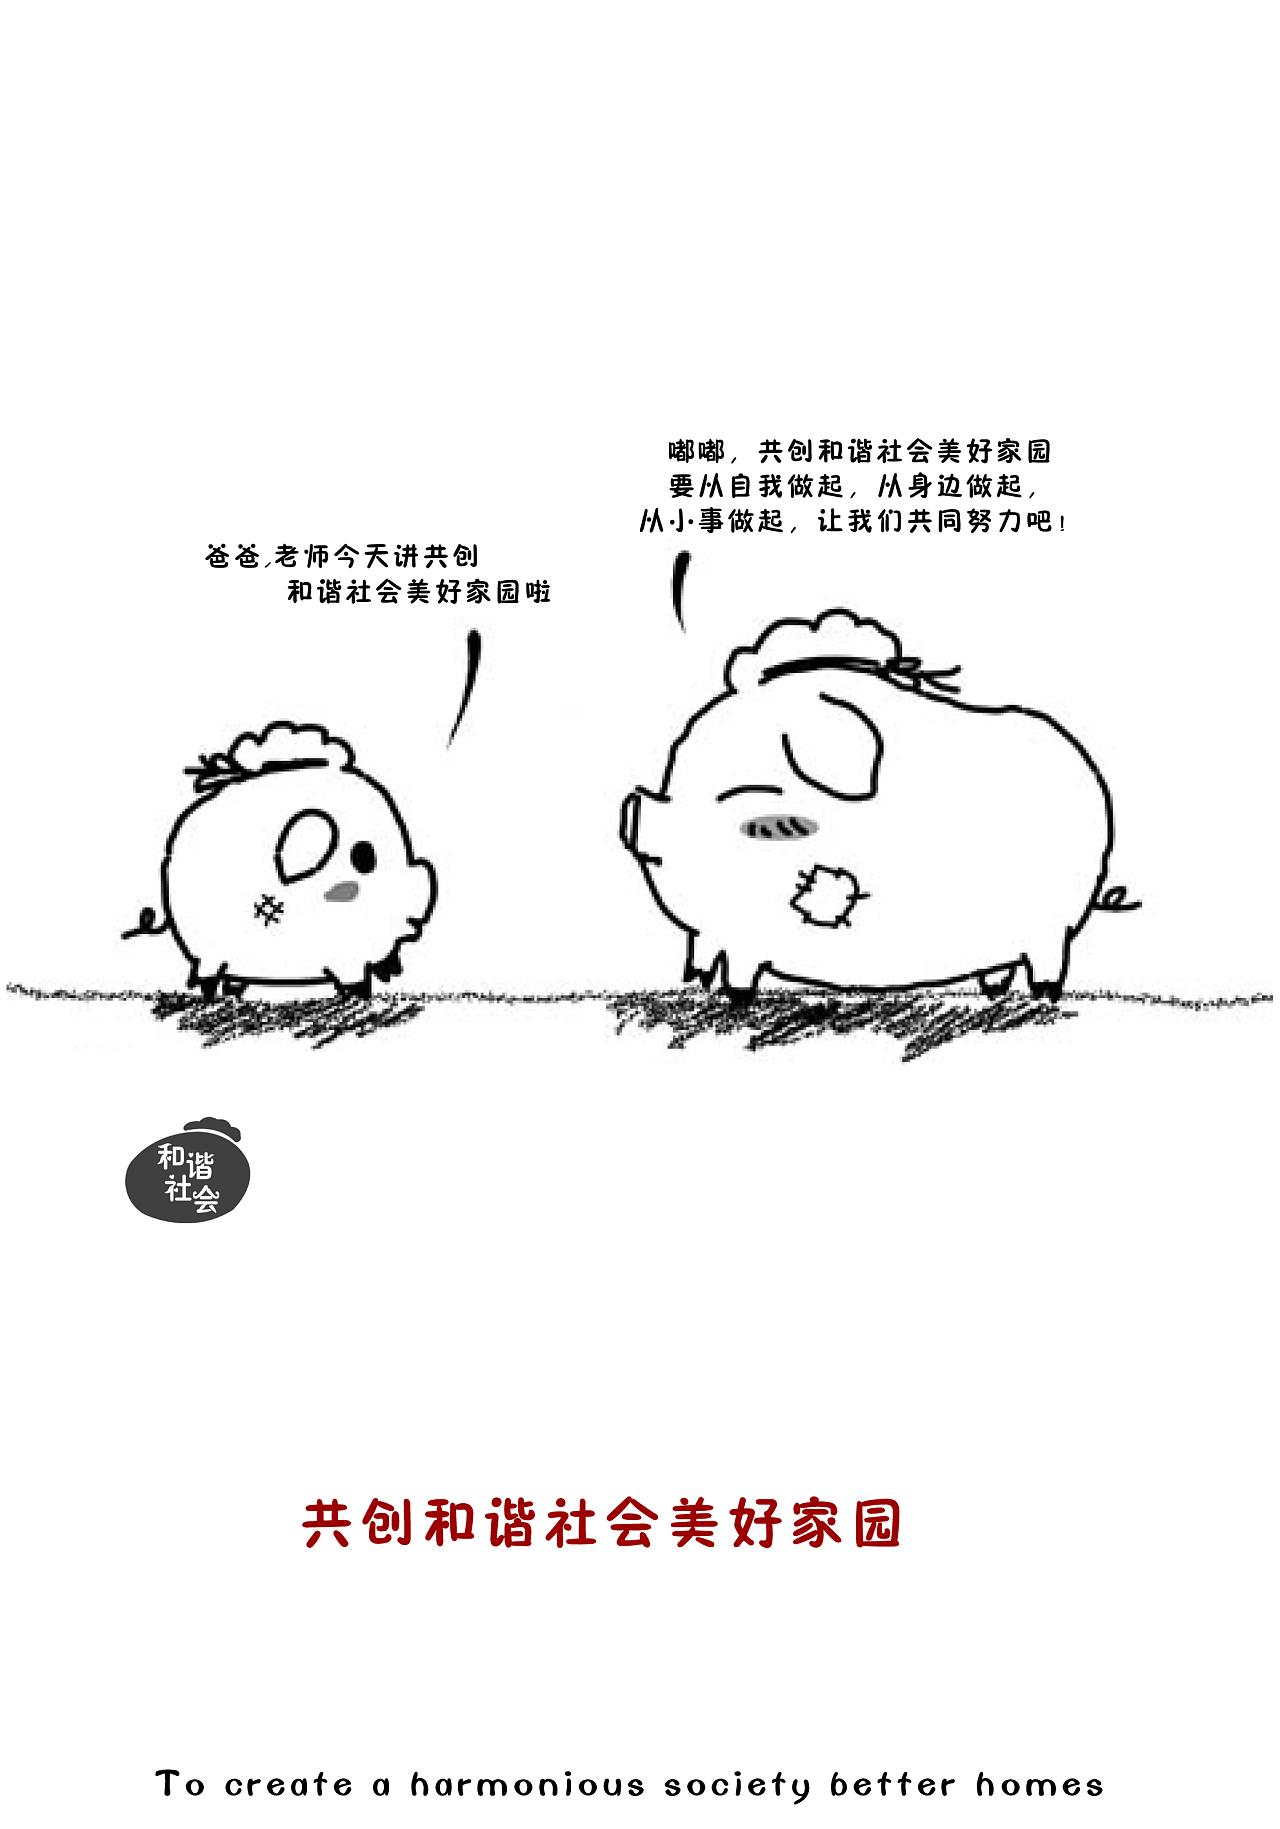 招聘海报.